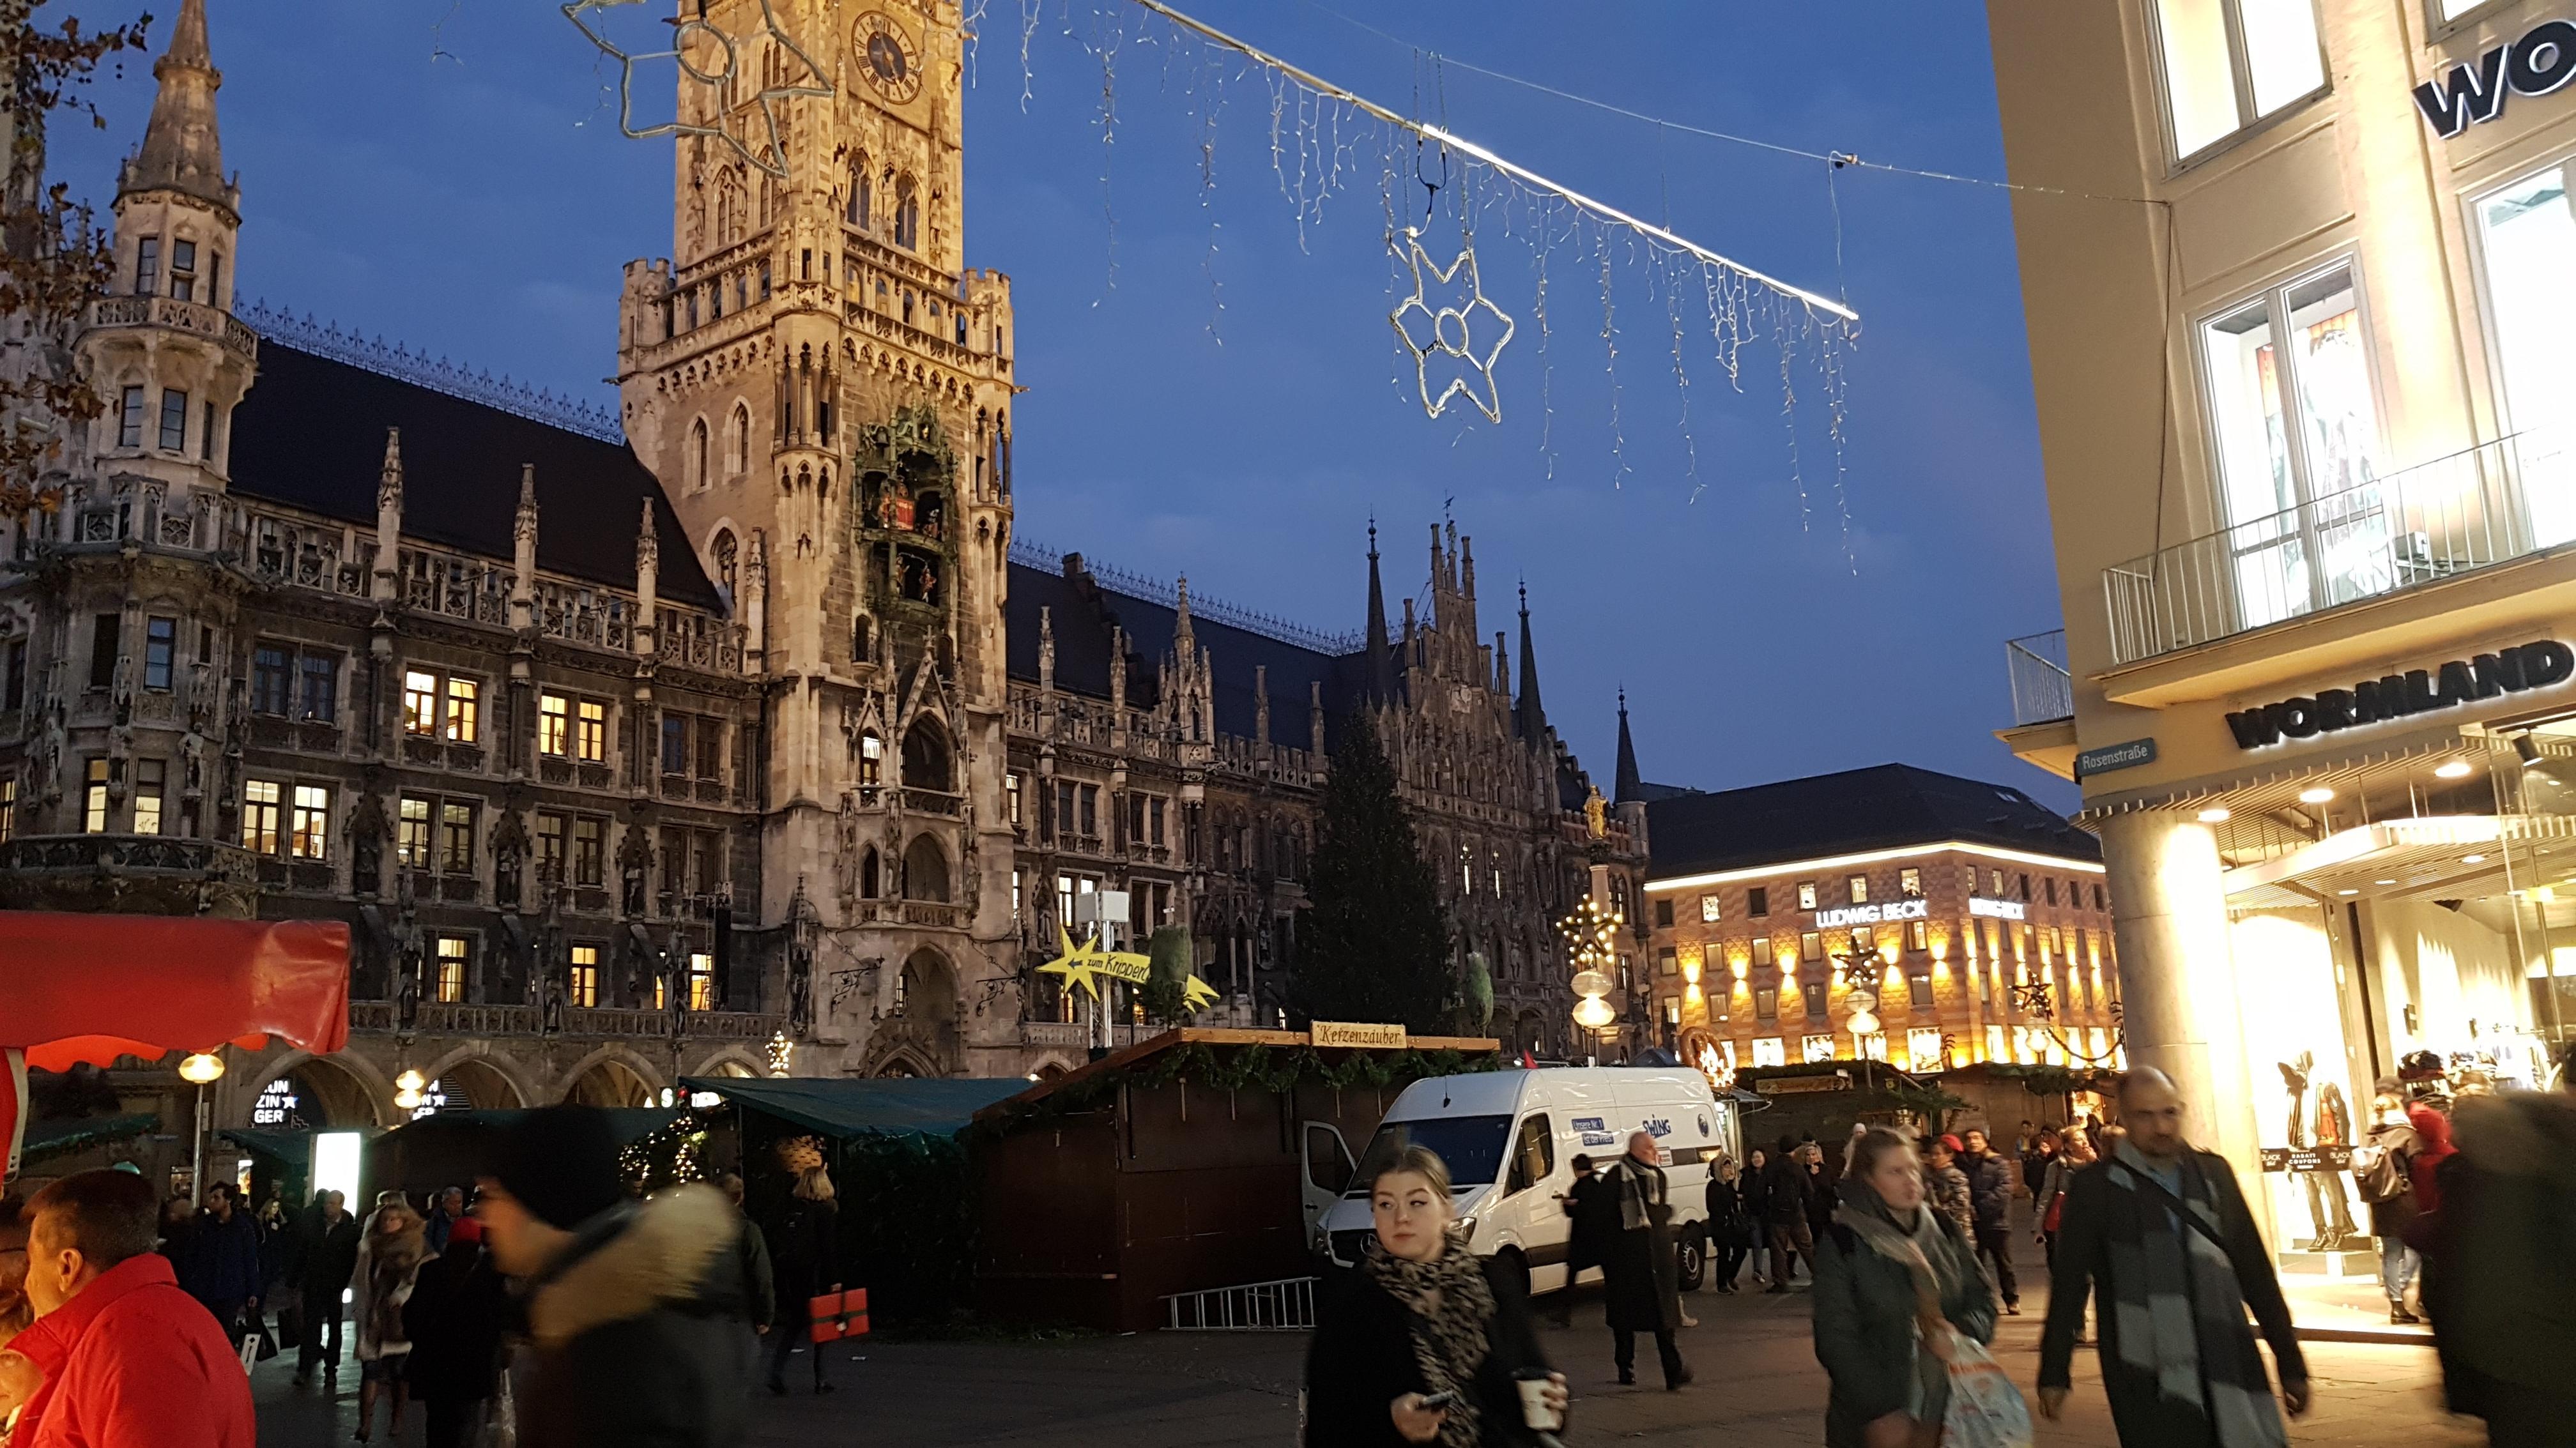 Marienplatz Weihnachtsmarkt.Münchner Christkindlmarkt Wird Eröffnet Br24